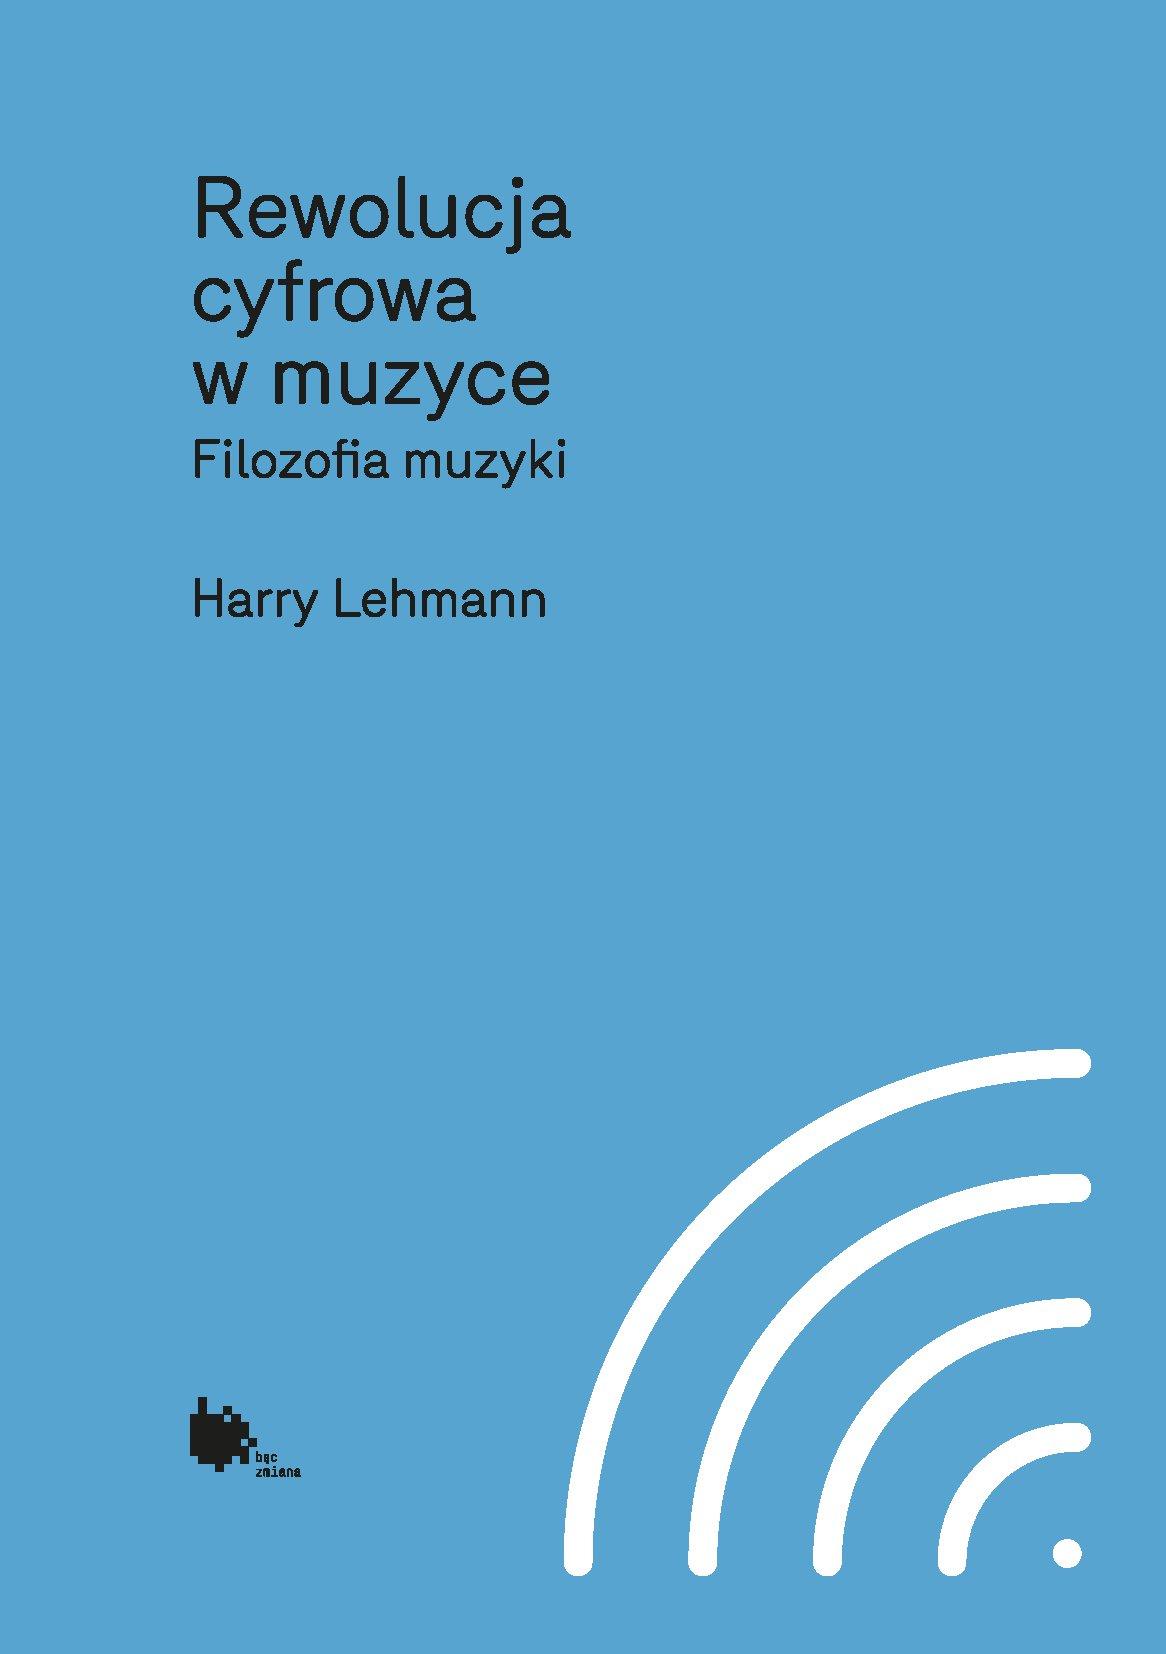 Rewolucja cyfrowa w muzyce. Filozofia muzyki - Ebook (Książka na Kindle) do pobrania w formacie MOBI